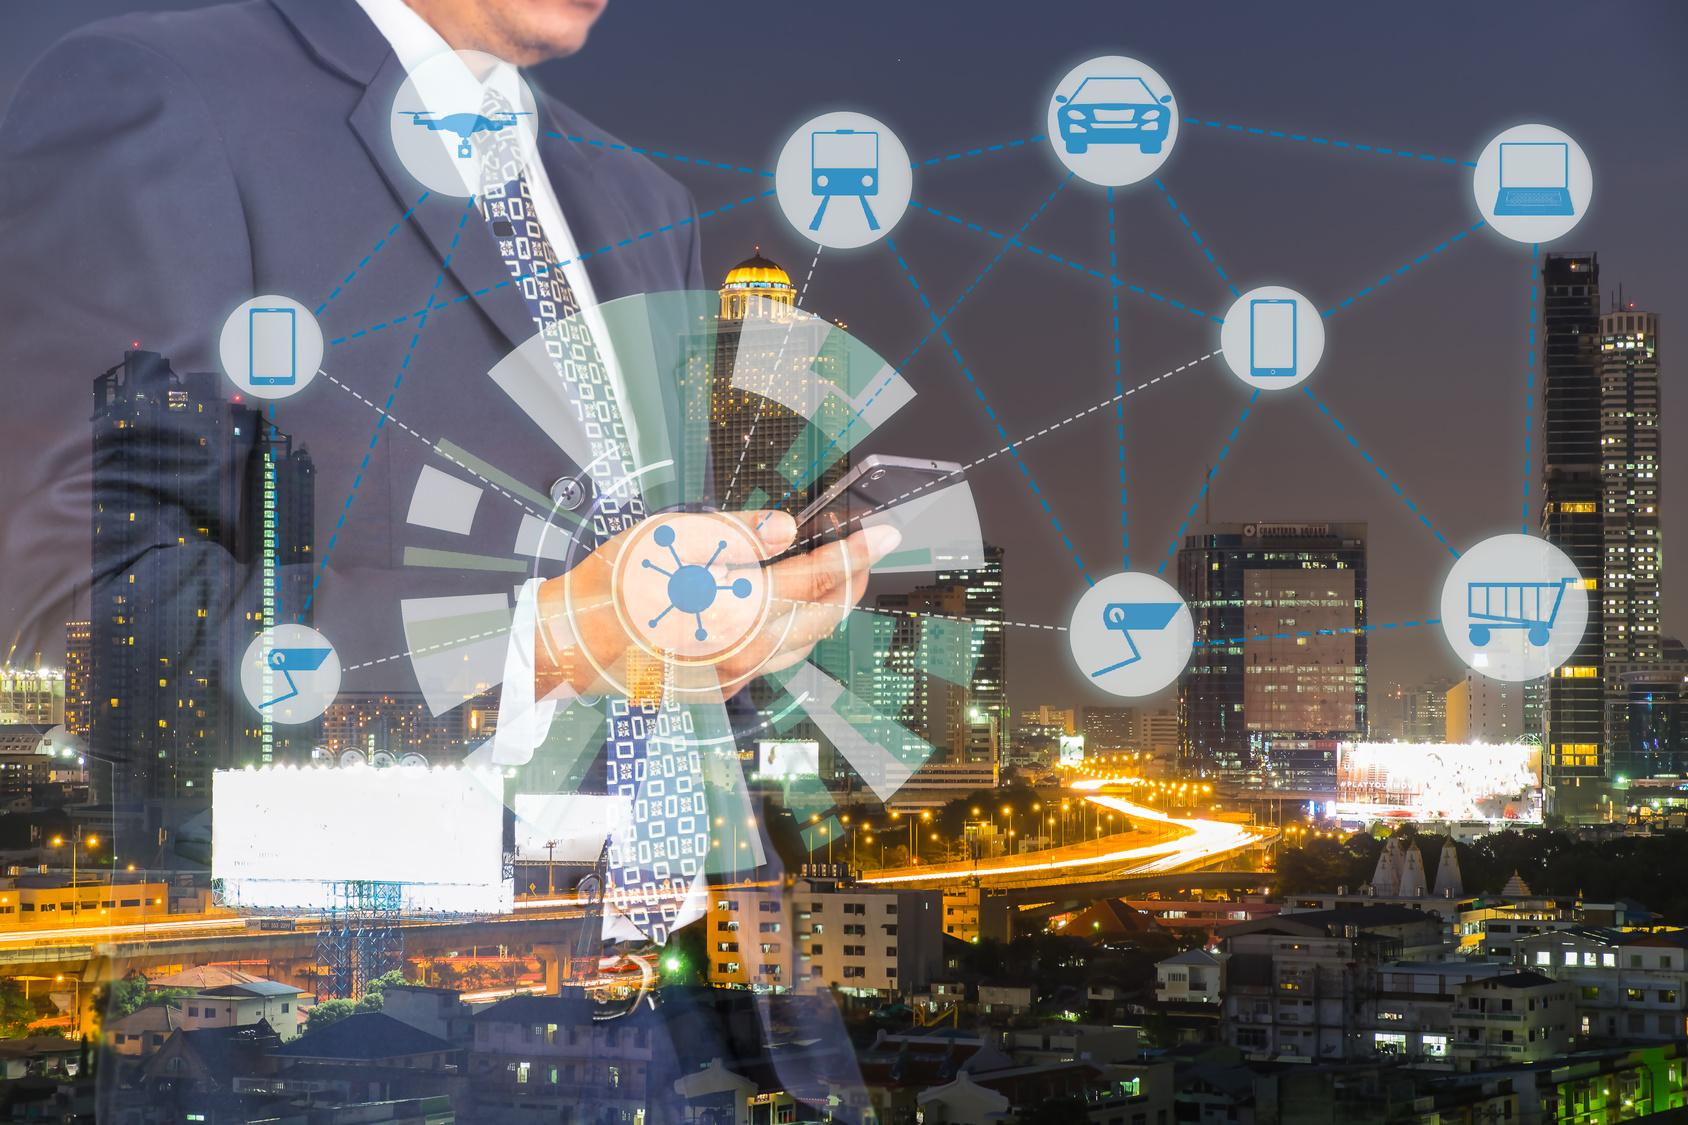 DeviceHub.net câștigă faza 1 a proiectului în cadrul programului Orizont 2020 și urmează cursa pentru finanțare de 2,5 milioane Euro